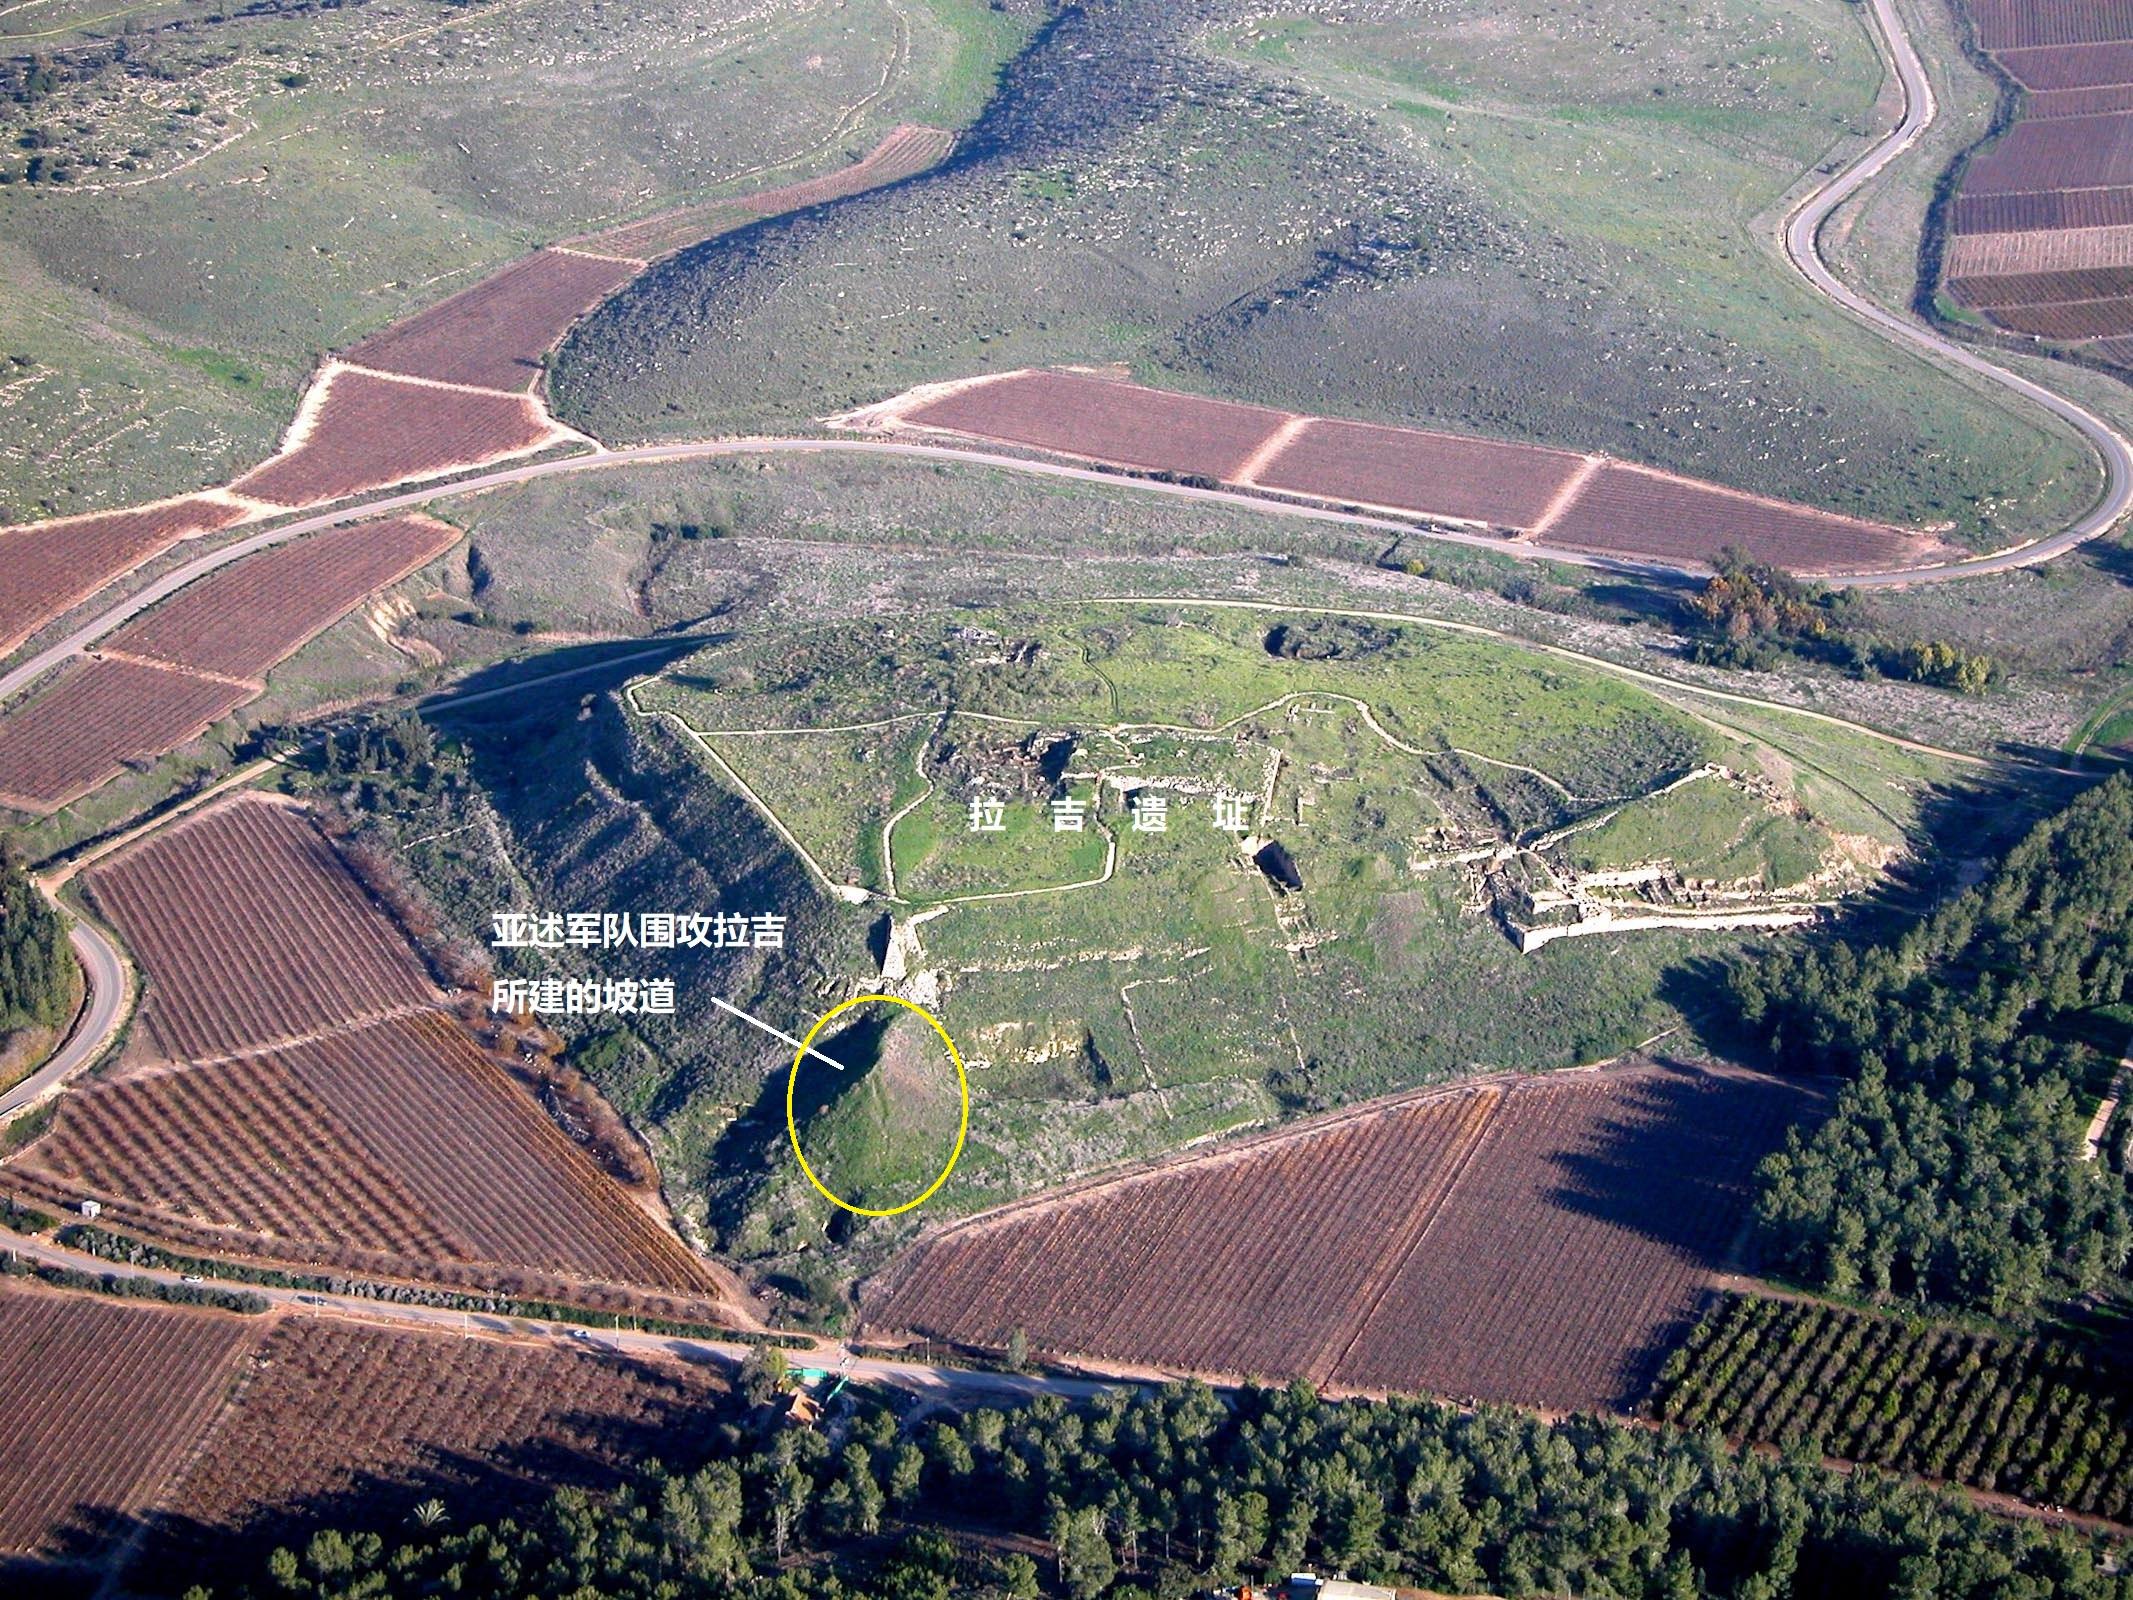 上图:犹大要塞拉吉遗址。主前8世纪,亚述王西拿基立攻打犹大王希西家,亚述军队在拉吉的西南角建了坡道,攻上拉吉的城墙。